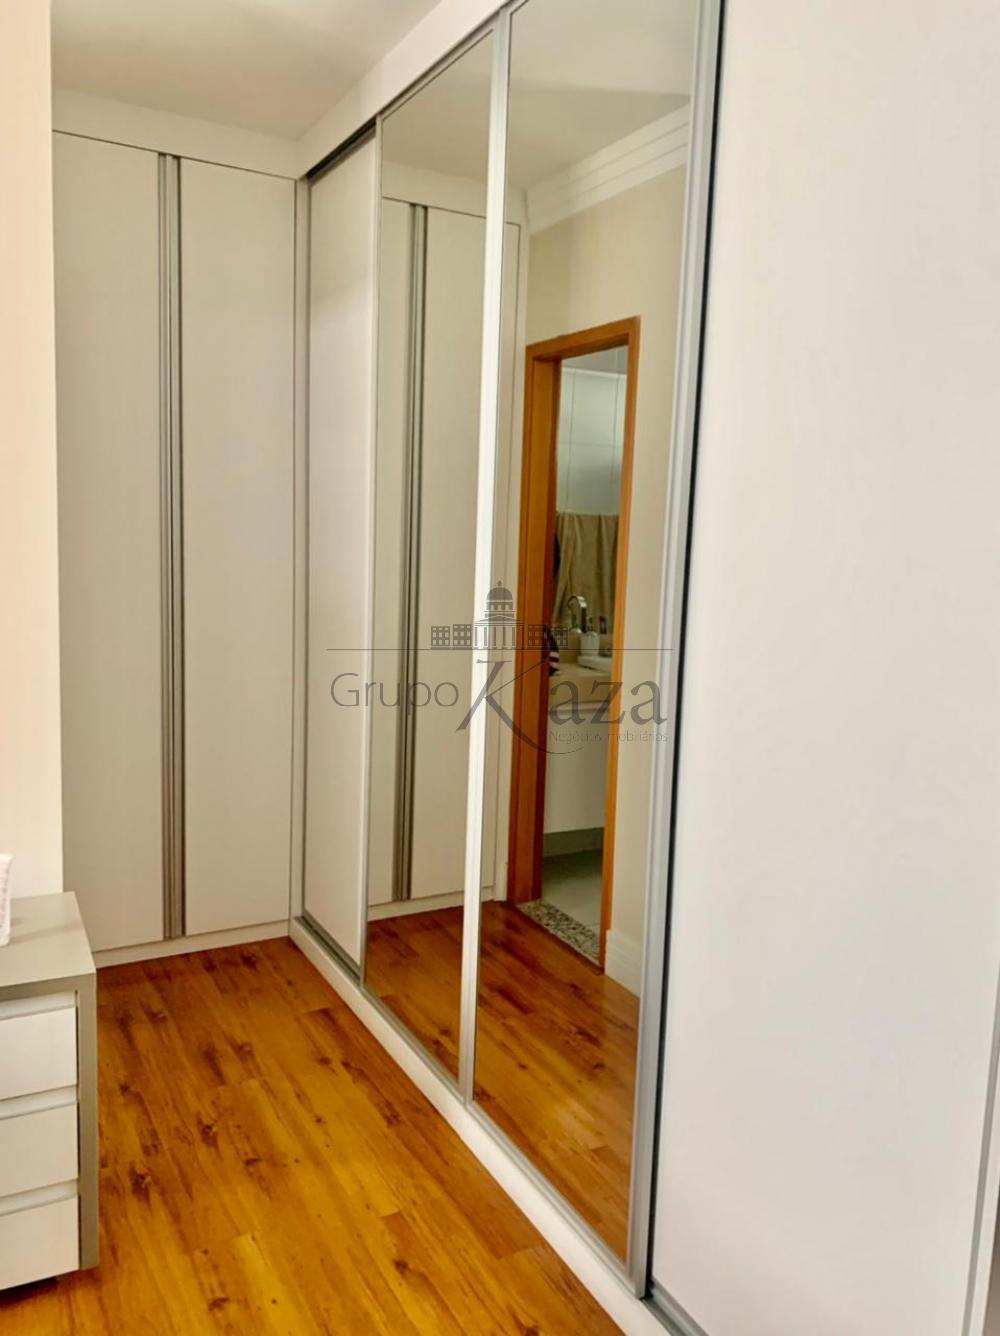 alt='Comprar Apartamento / Padrão em São José dos Campos R$ 855.000,00 - Foto 11' title='Comprar Apartamento / Padrão em São José dos Campos R$ 855.000,00 - Foto 11'